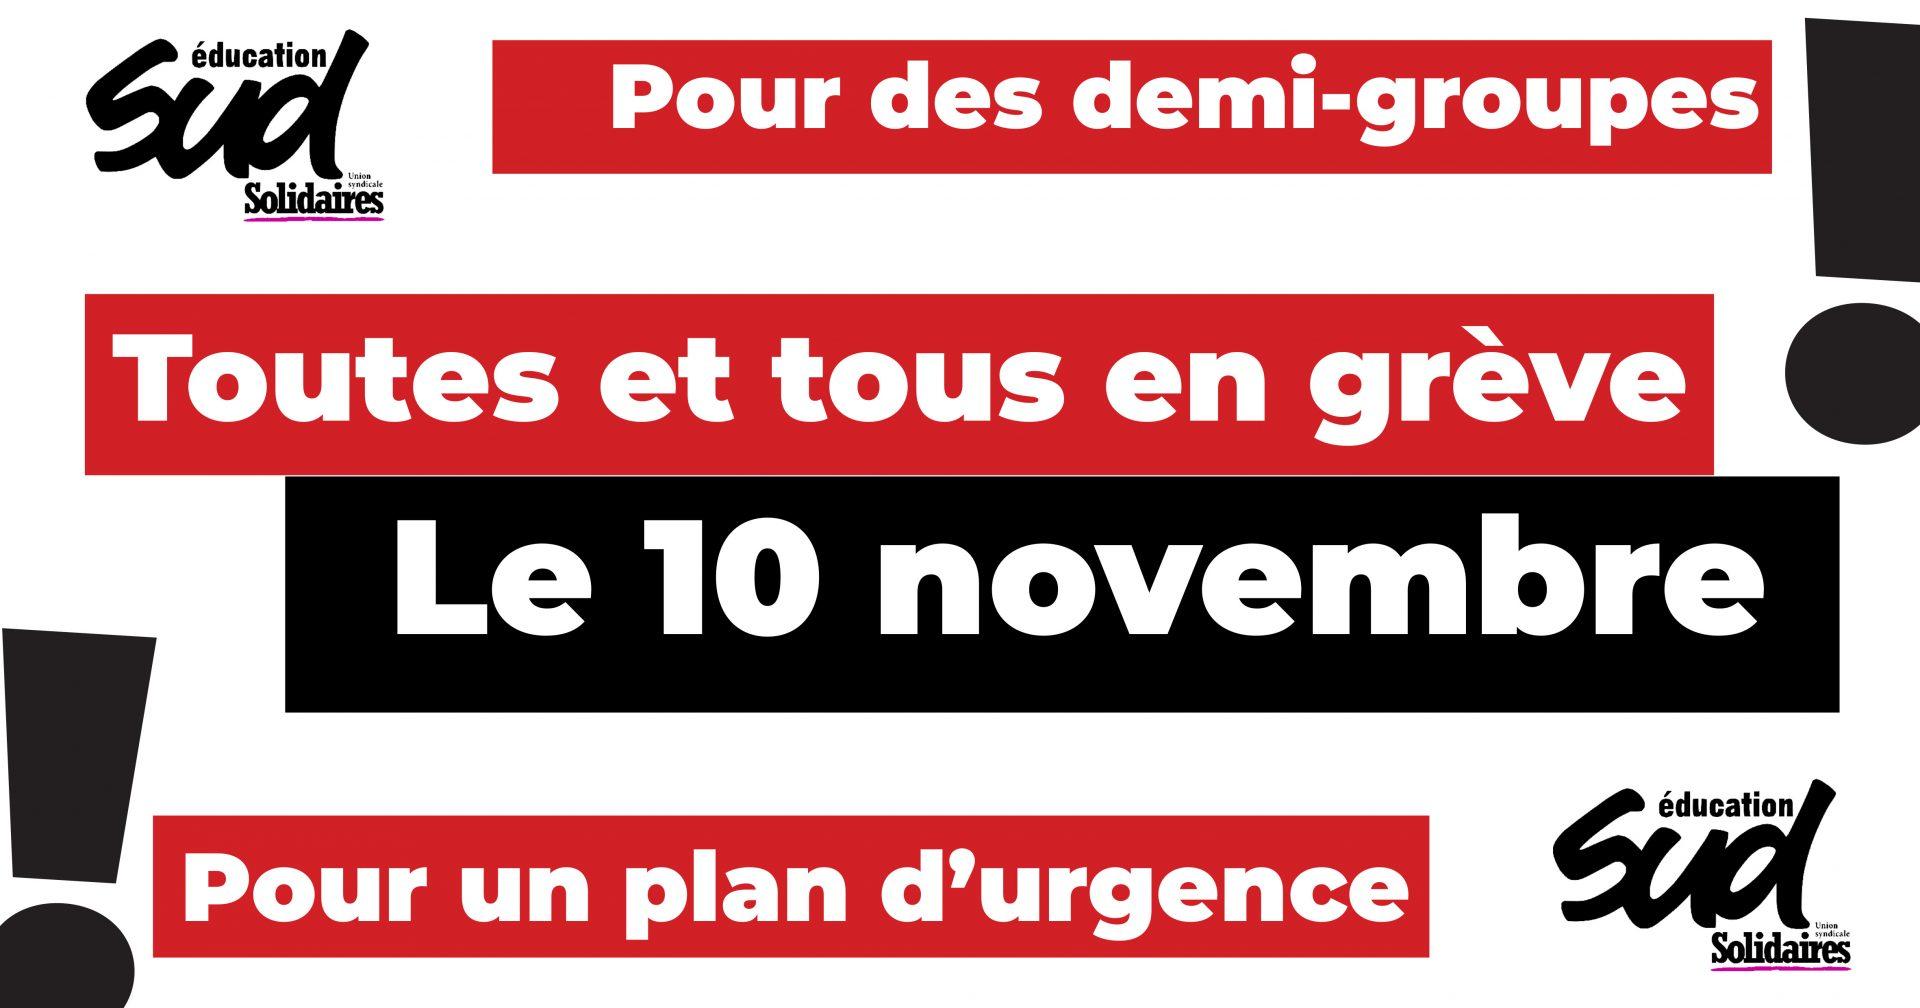 Education Nationale : Pour un plan d'urgence de la maternelle au supérieur ! Mobilisation et grève le 10 novembre